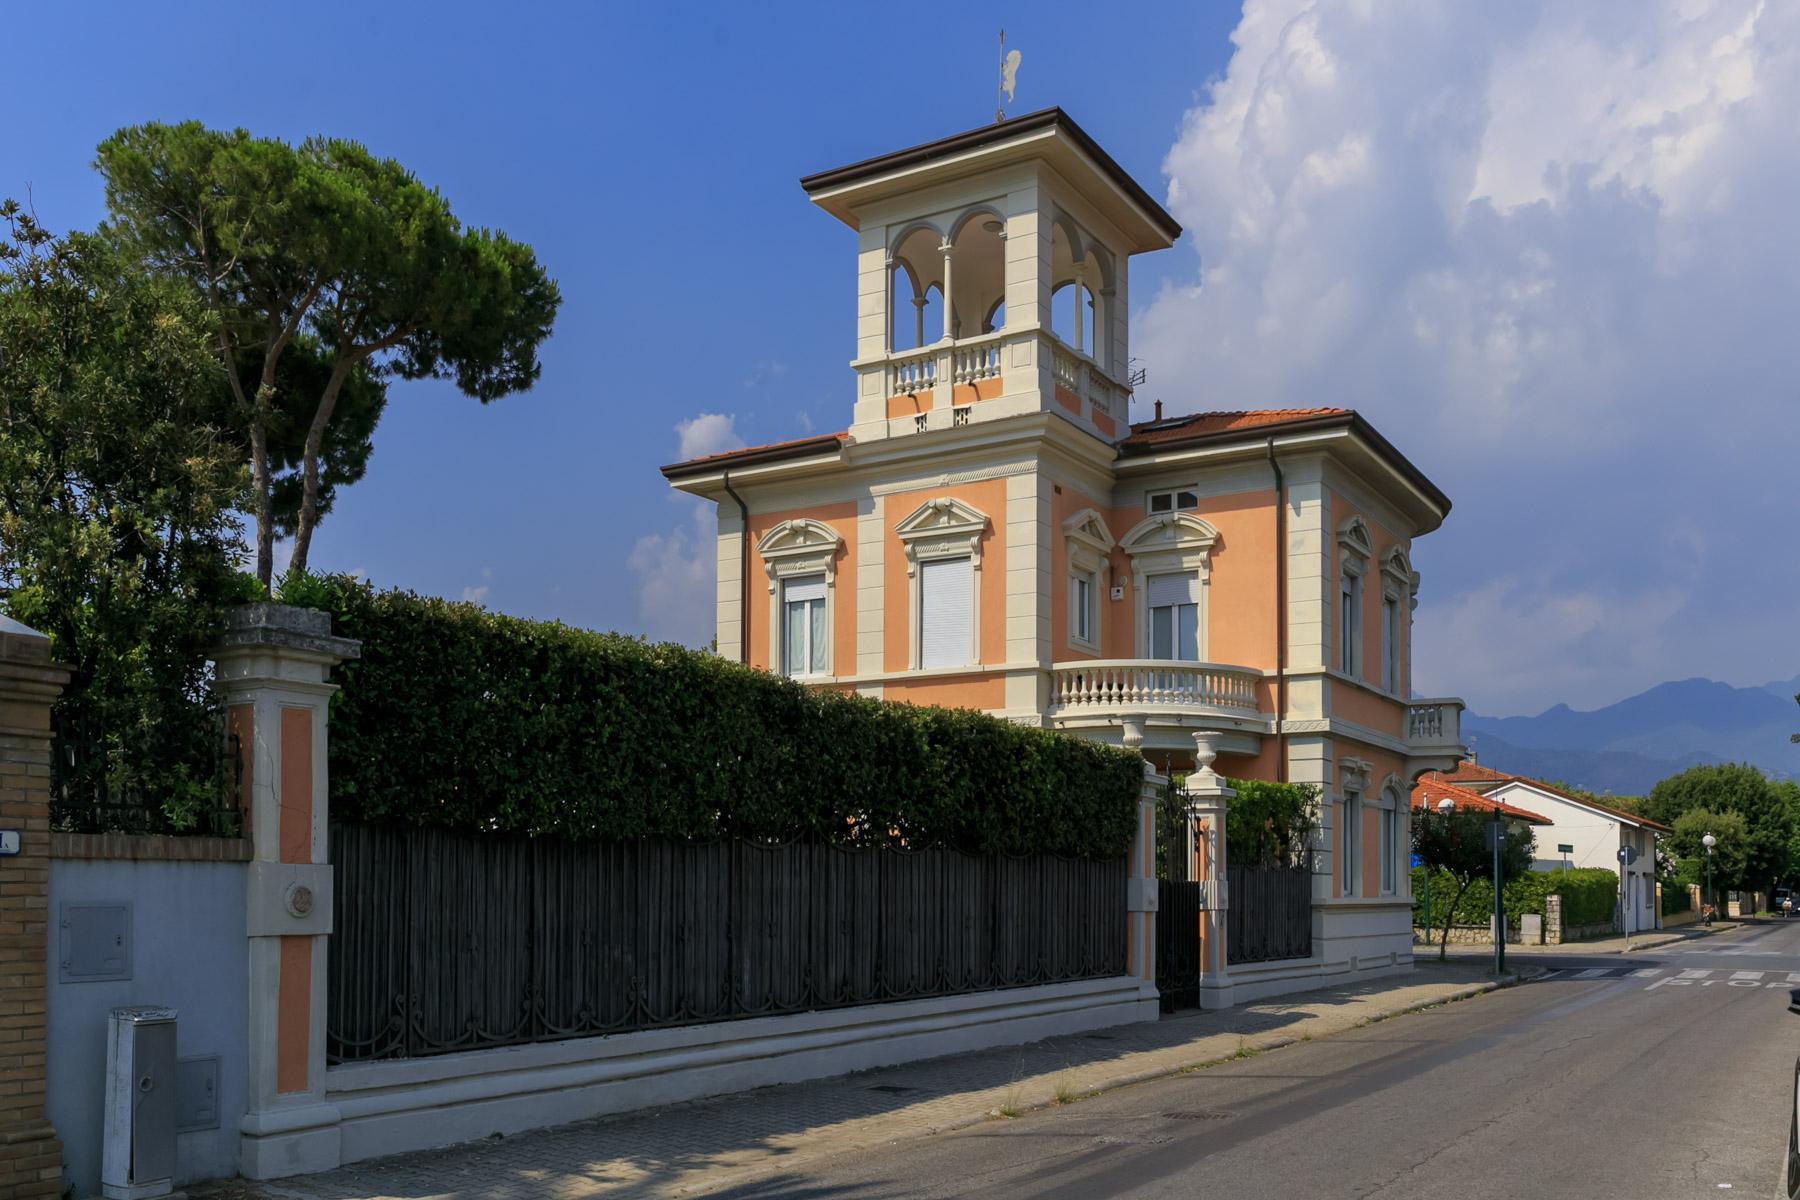 Historische Villa mit Turm in Forte dei Marmi - 2